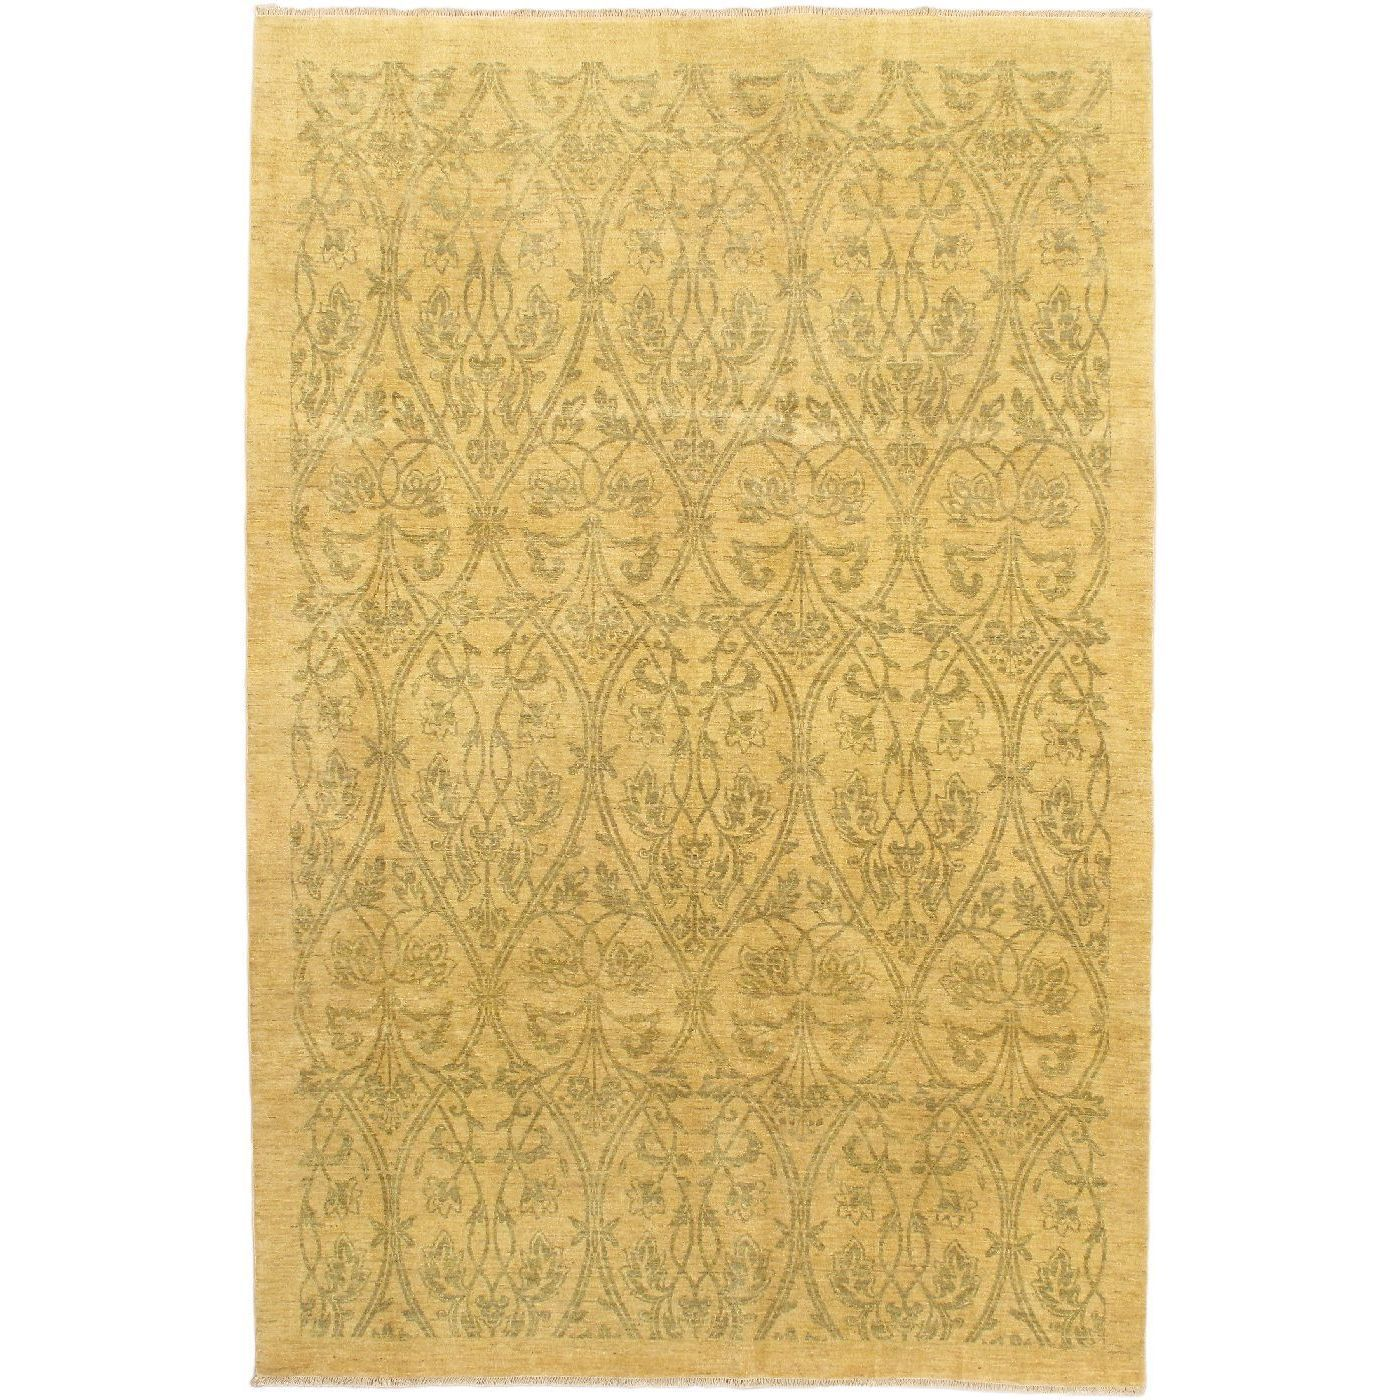 eCarpetGallery Chobi Hand-knotted Beige Wool Rug (5'11 x 8'11) (Beige Rug (5' x 8')), Size 5' x 8' (Cotton, Oriental)